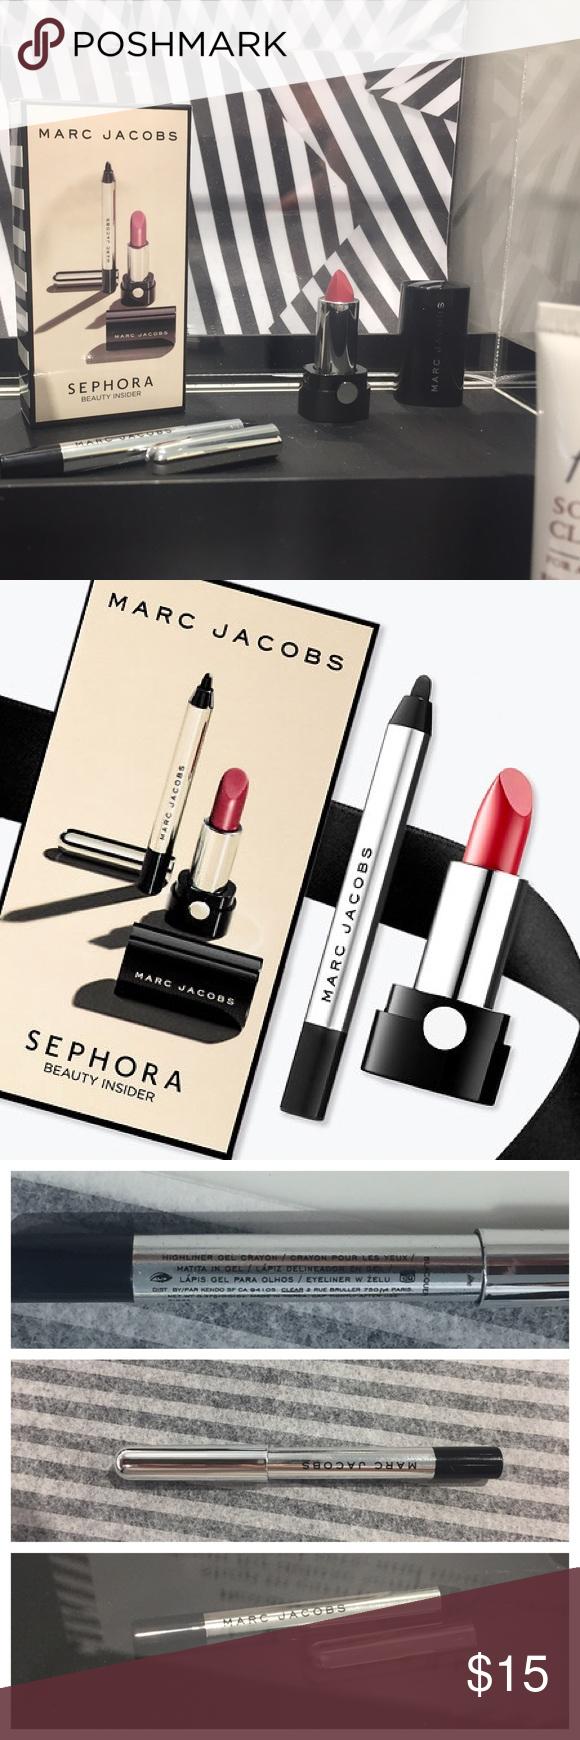 Marc Jacobs NIB Lipstick Amp Eyeliner Travel Size Sephora Birthday Gift Brand New